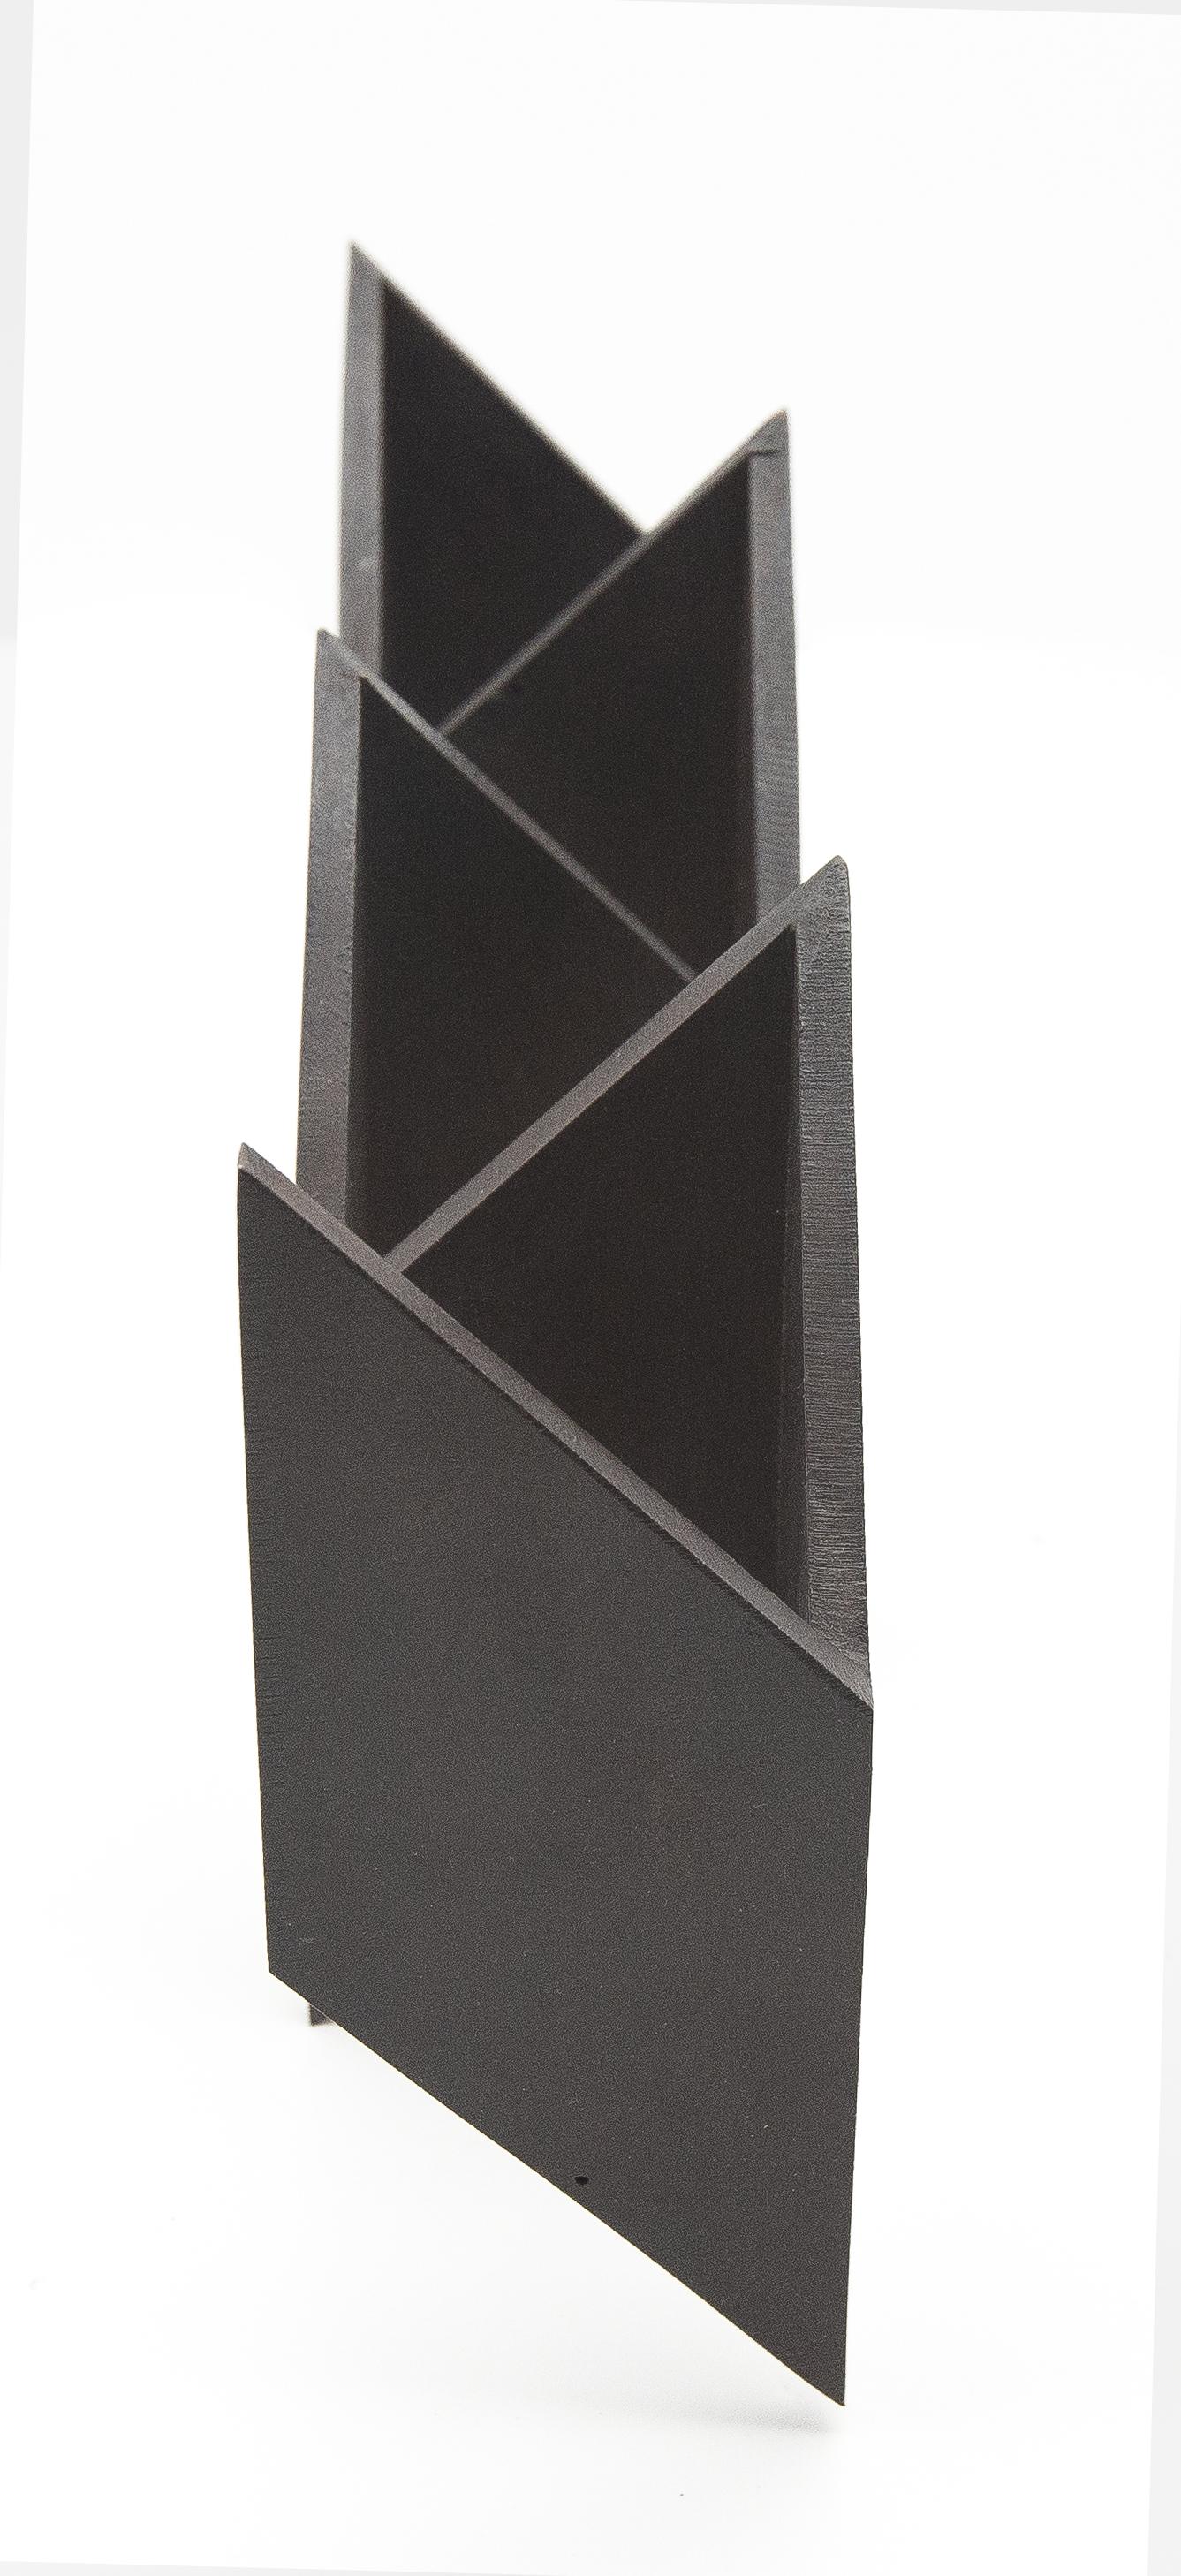 JAVIER LLEDÓ – Formación cerrada en Caph – Closed Formation in Caph Front – Up 2